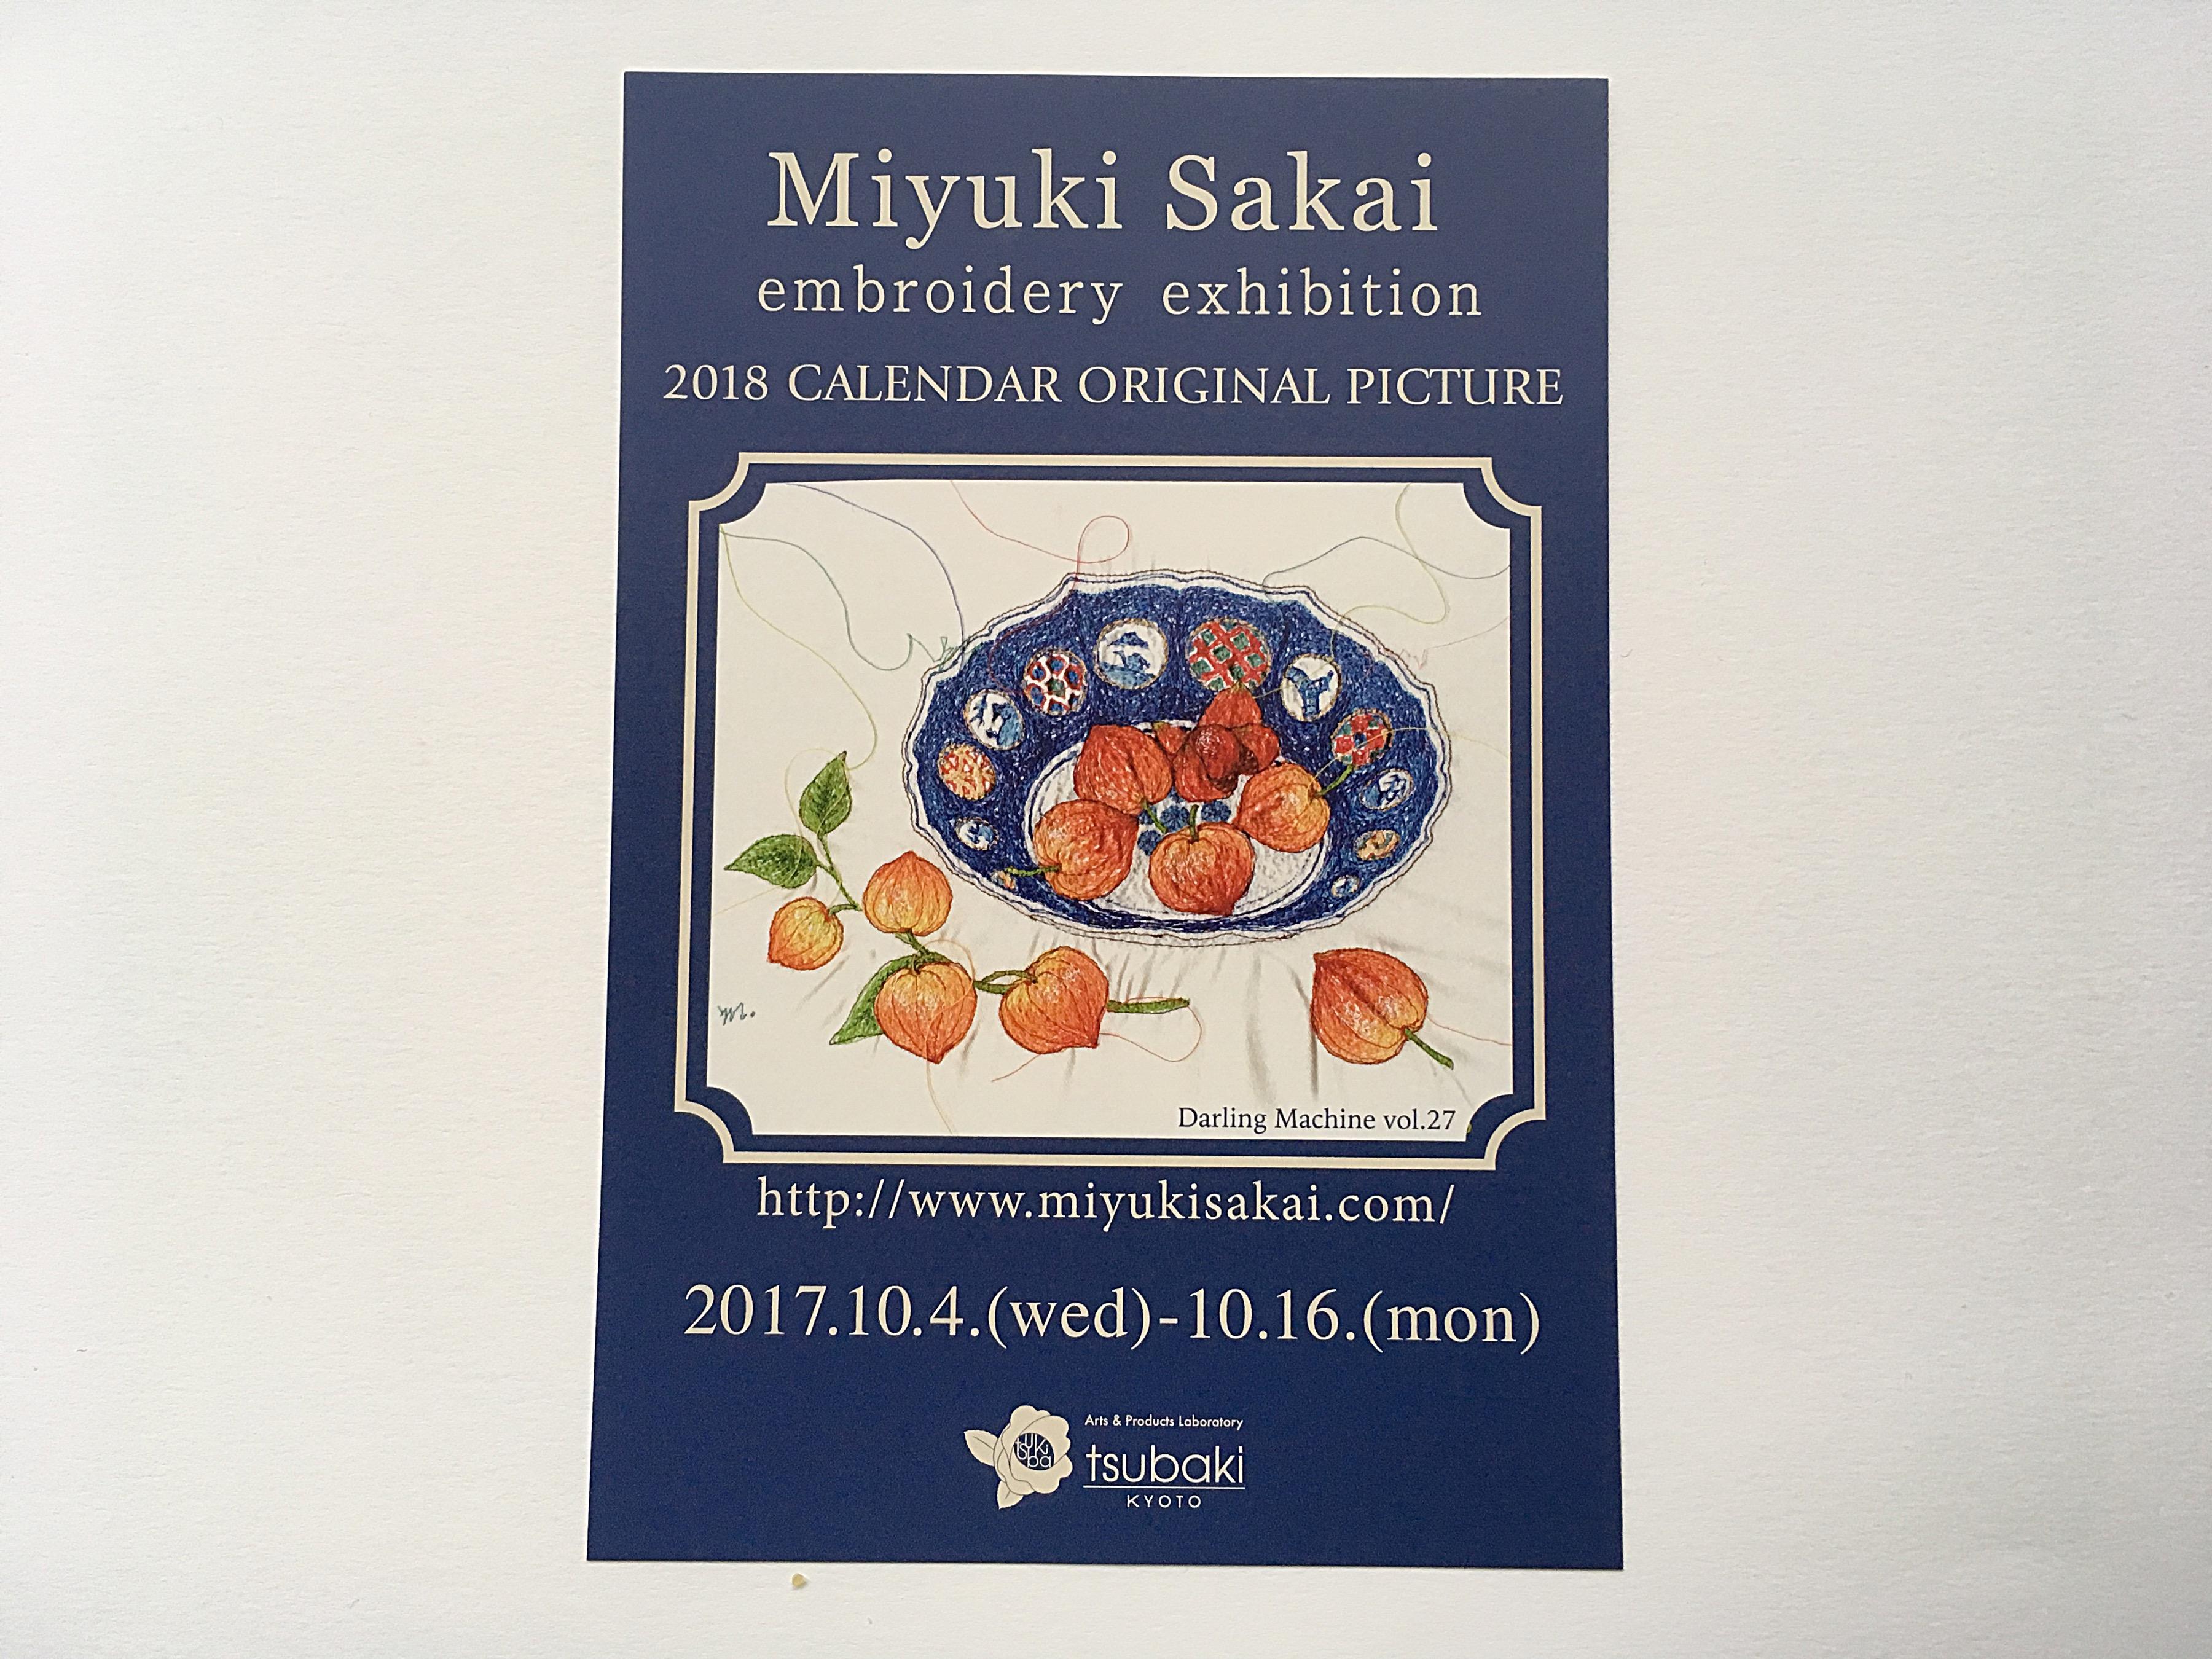 ミシンで描く京都の四季 -さか井美ゆき 2018年カレンダー原画展-